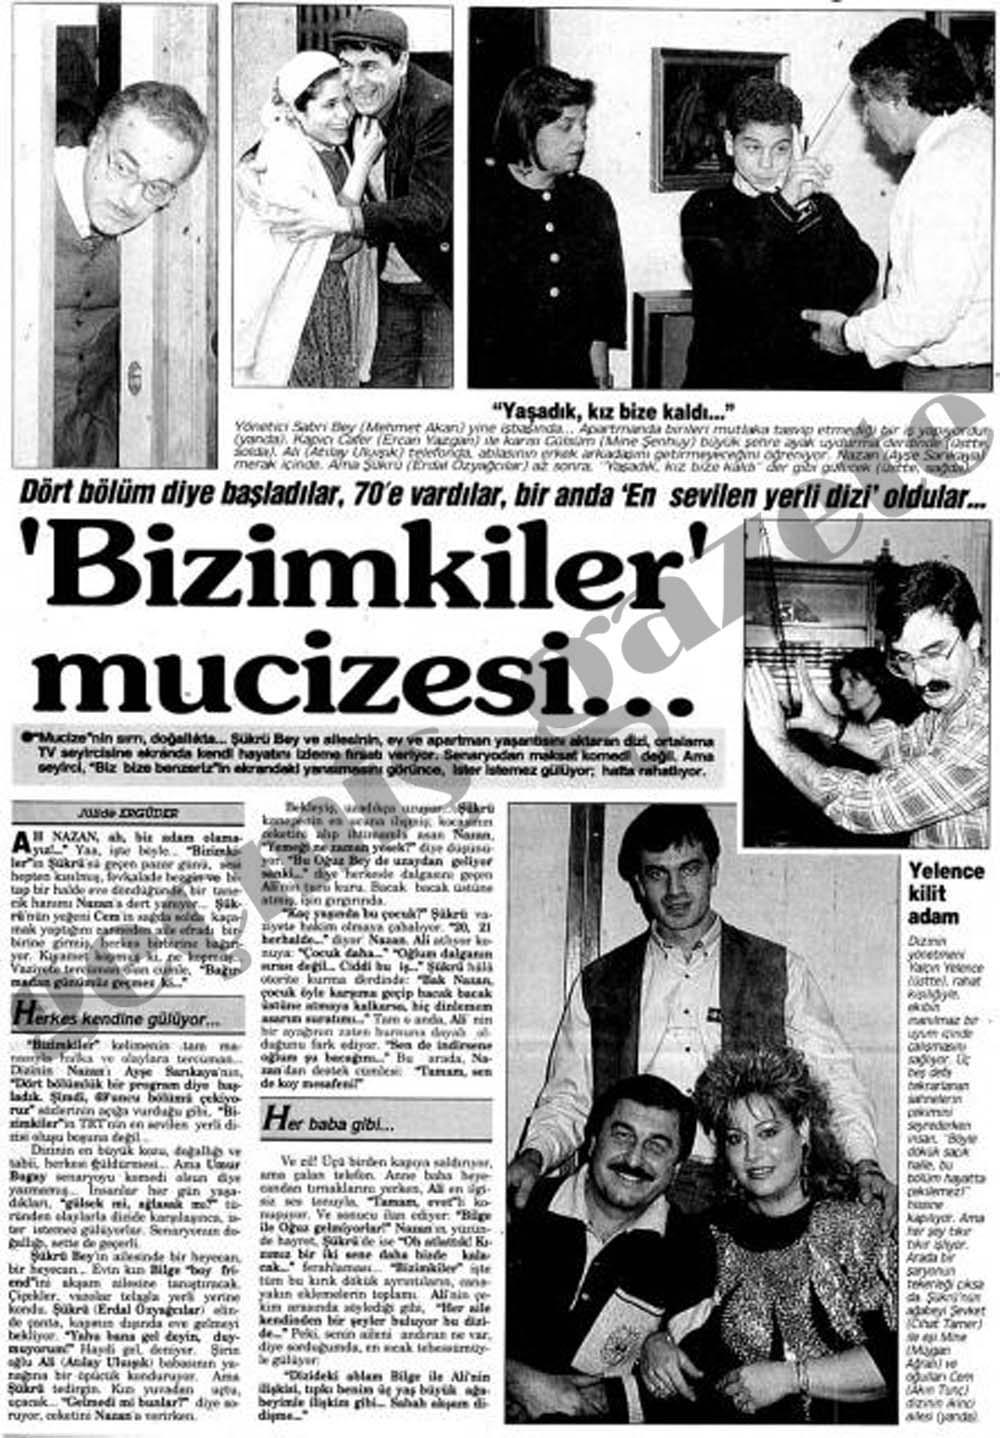 'Bizimkiler' mucizesi